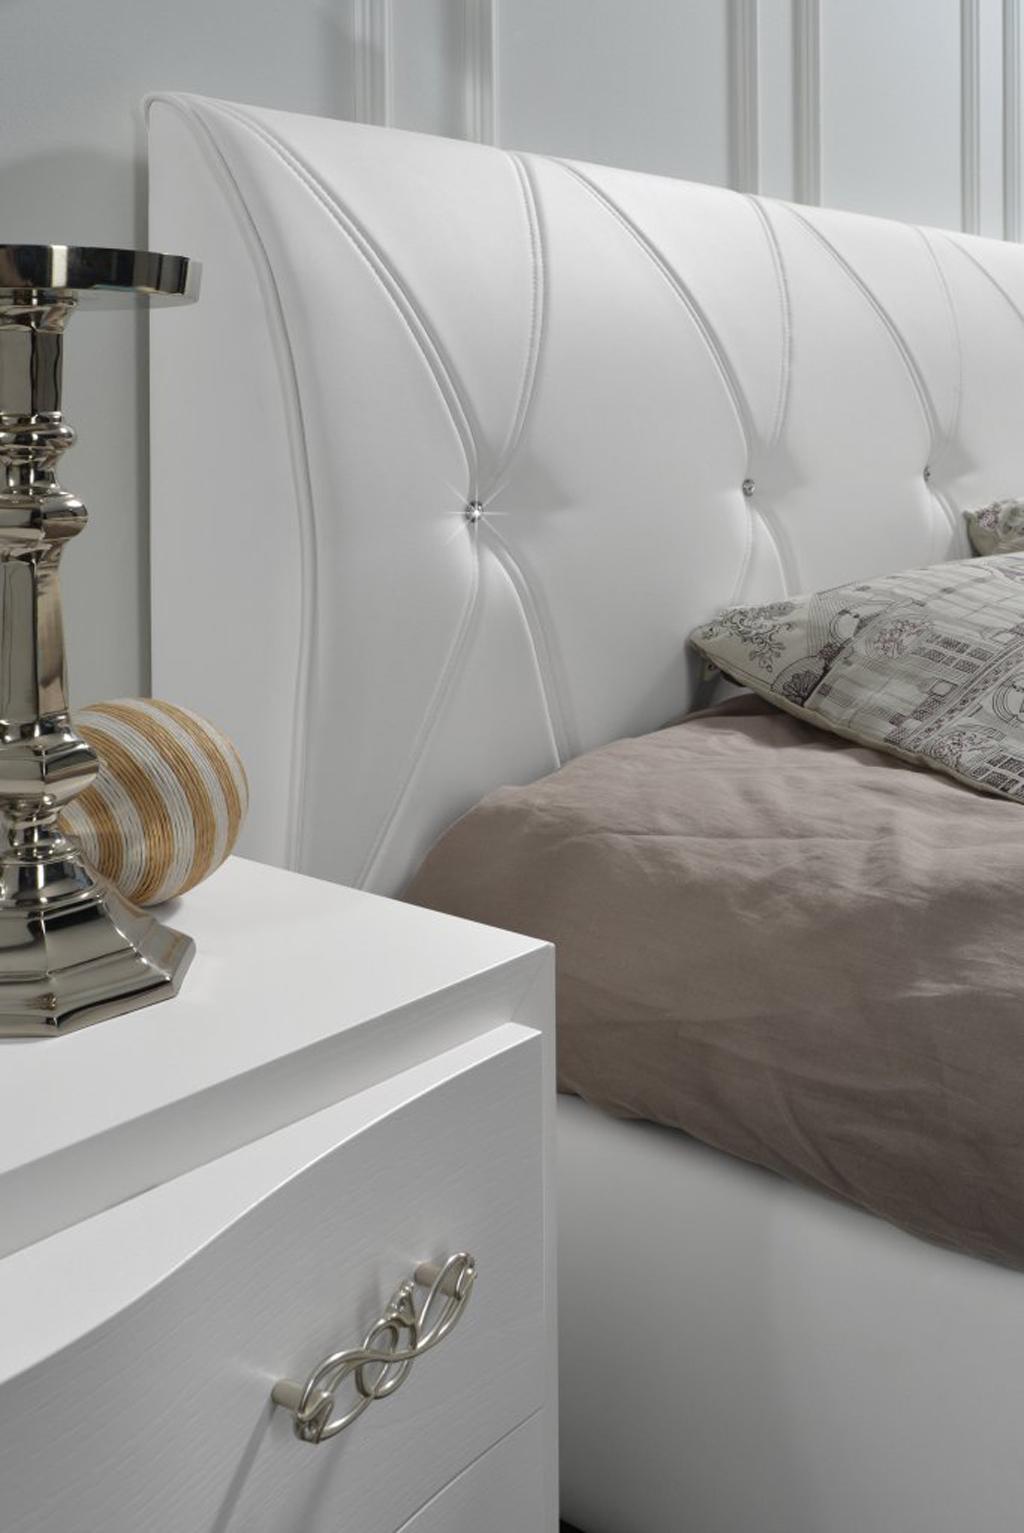 camera da letto swarovski – casamia image idea